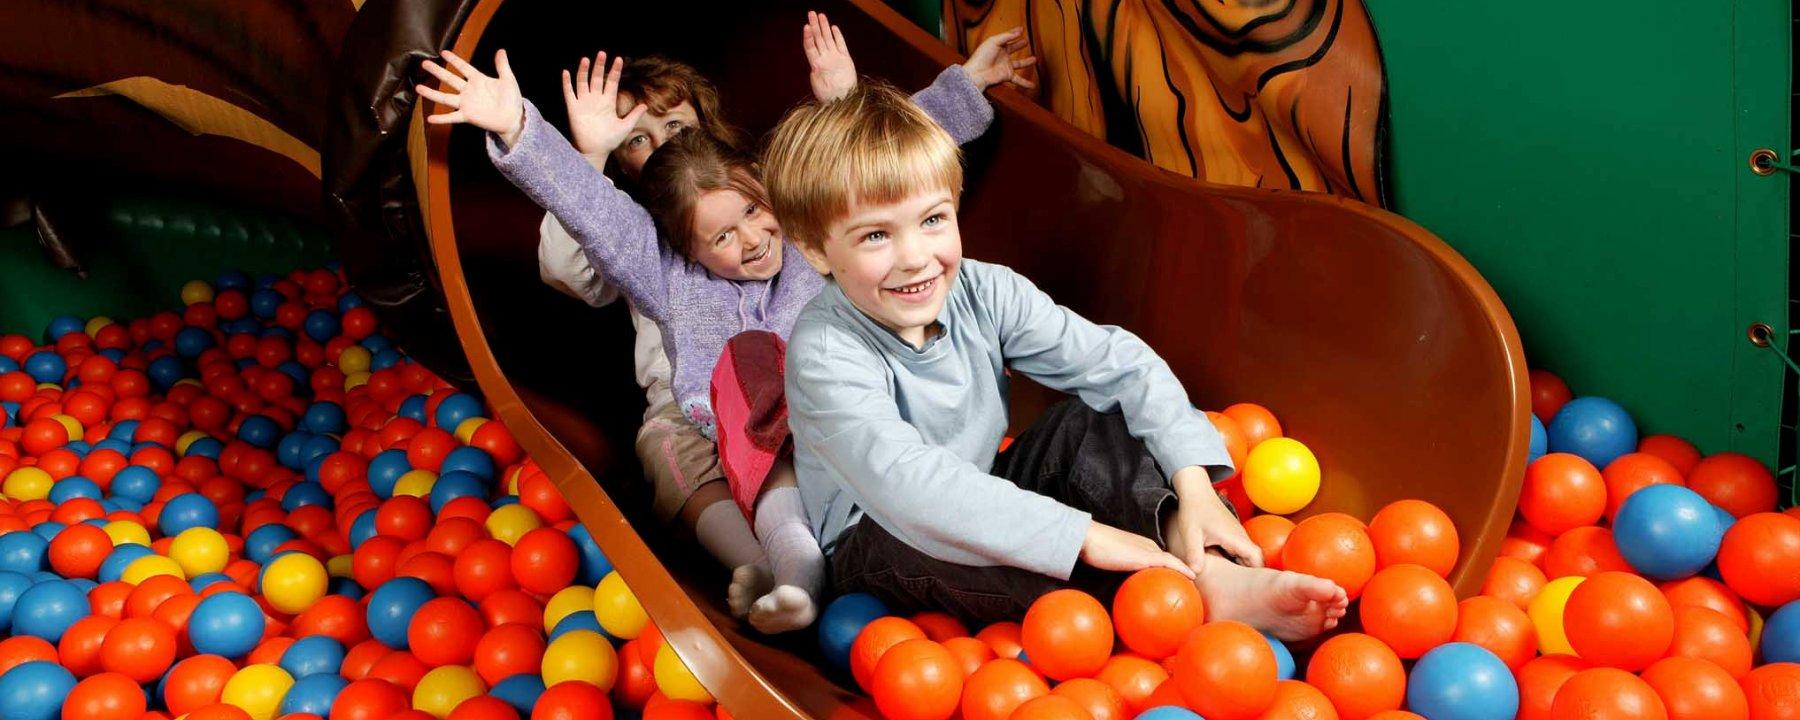 Aviemore Indoor Attractions And Activities Soft Play Cinema